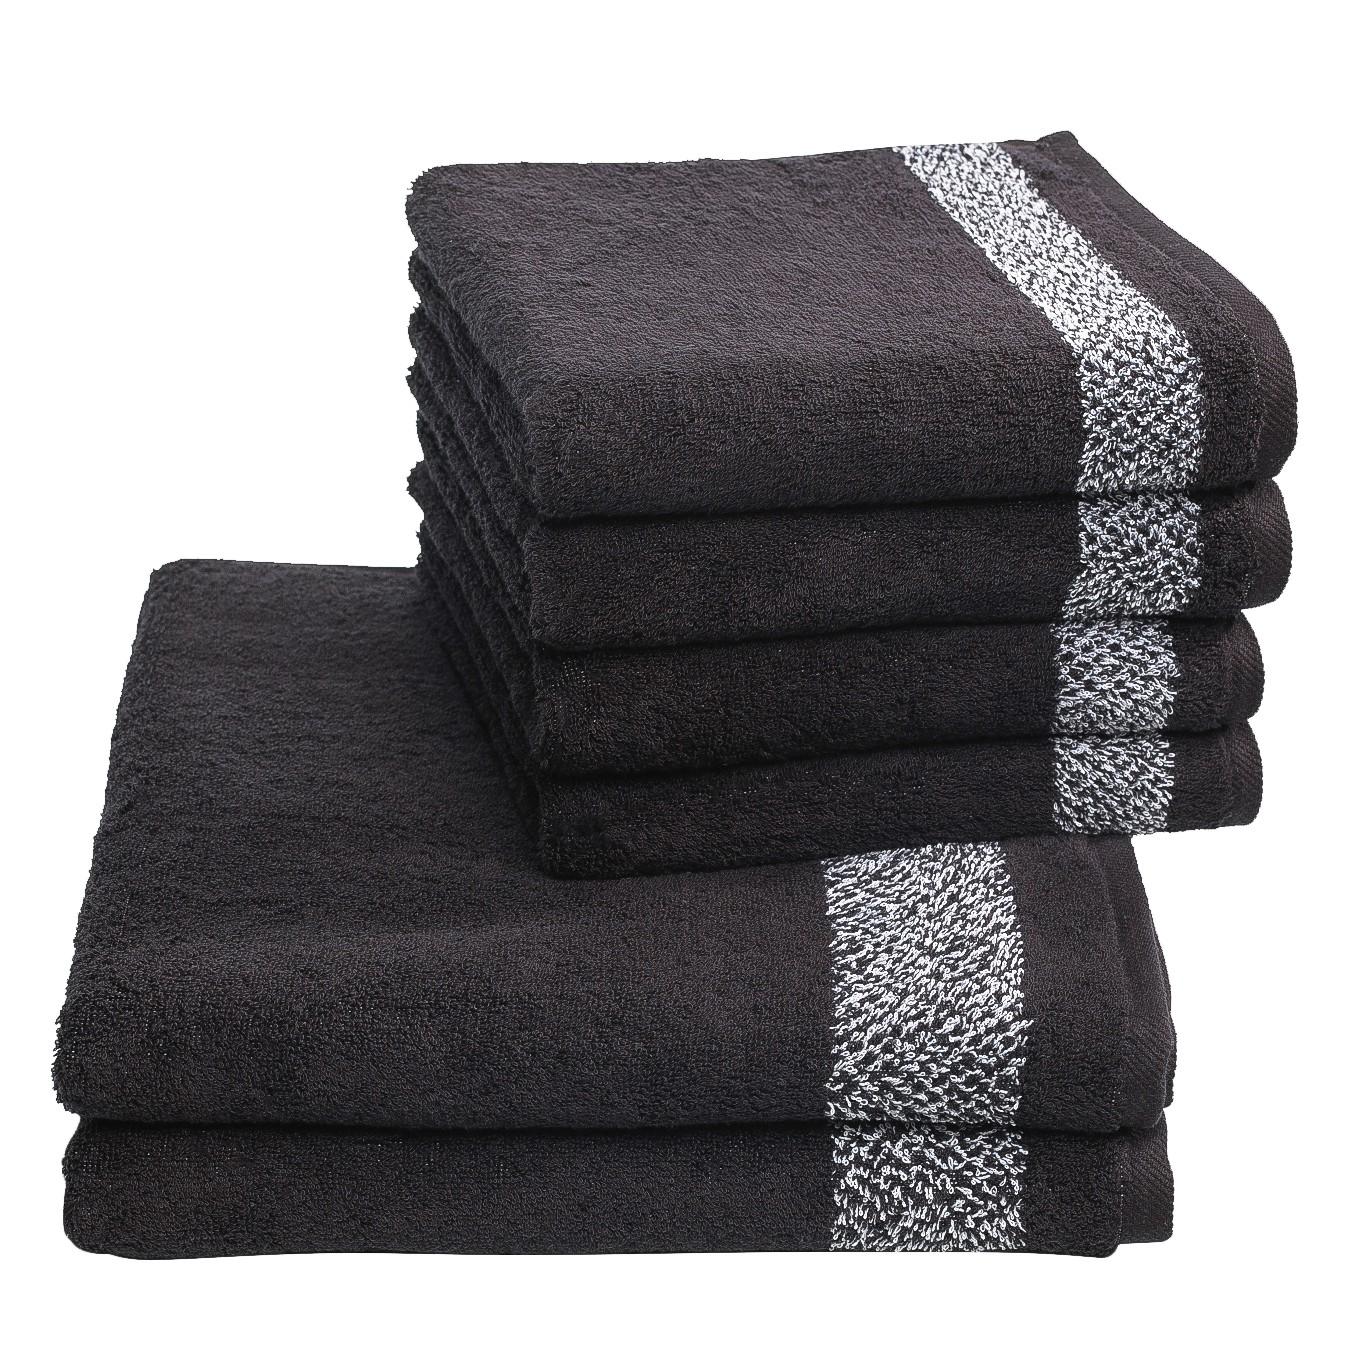 Home 24 - Set de serviettes de toilette borgo (6 éléments) - coton - noir / blanc, vestio